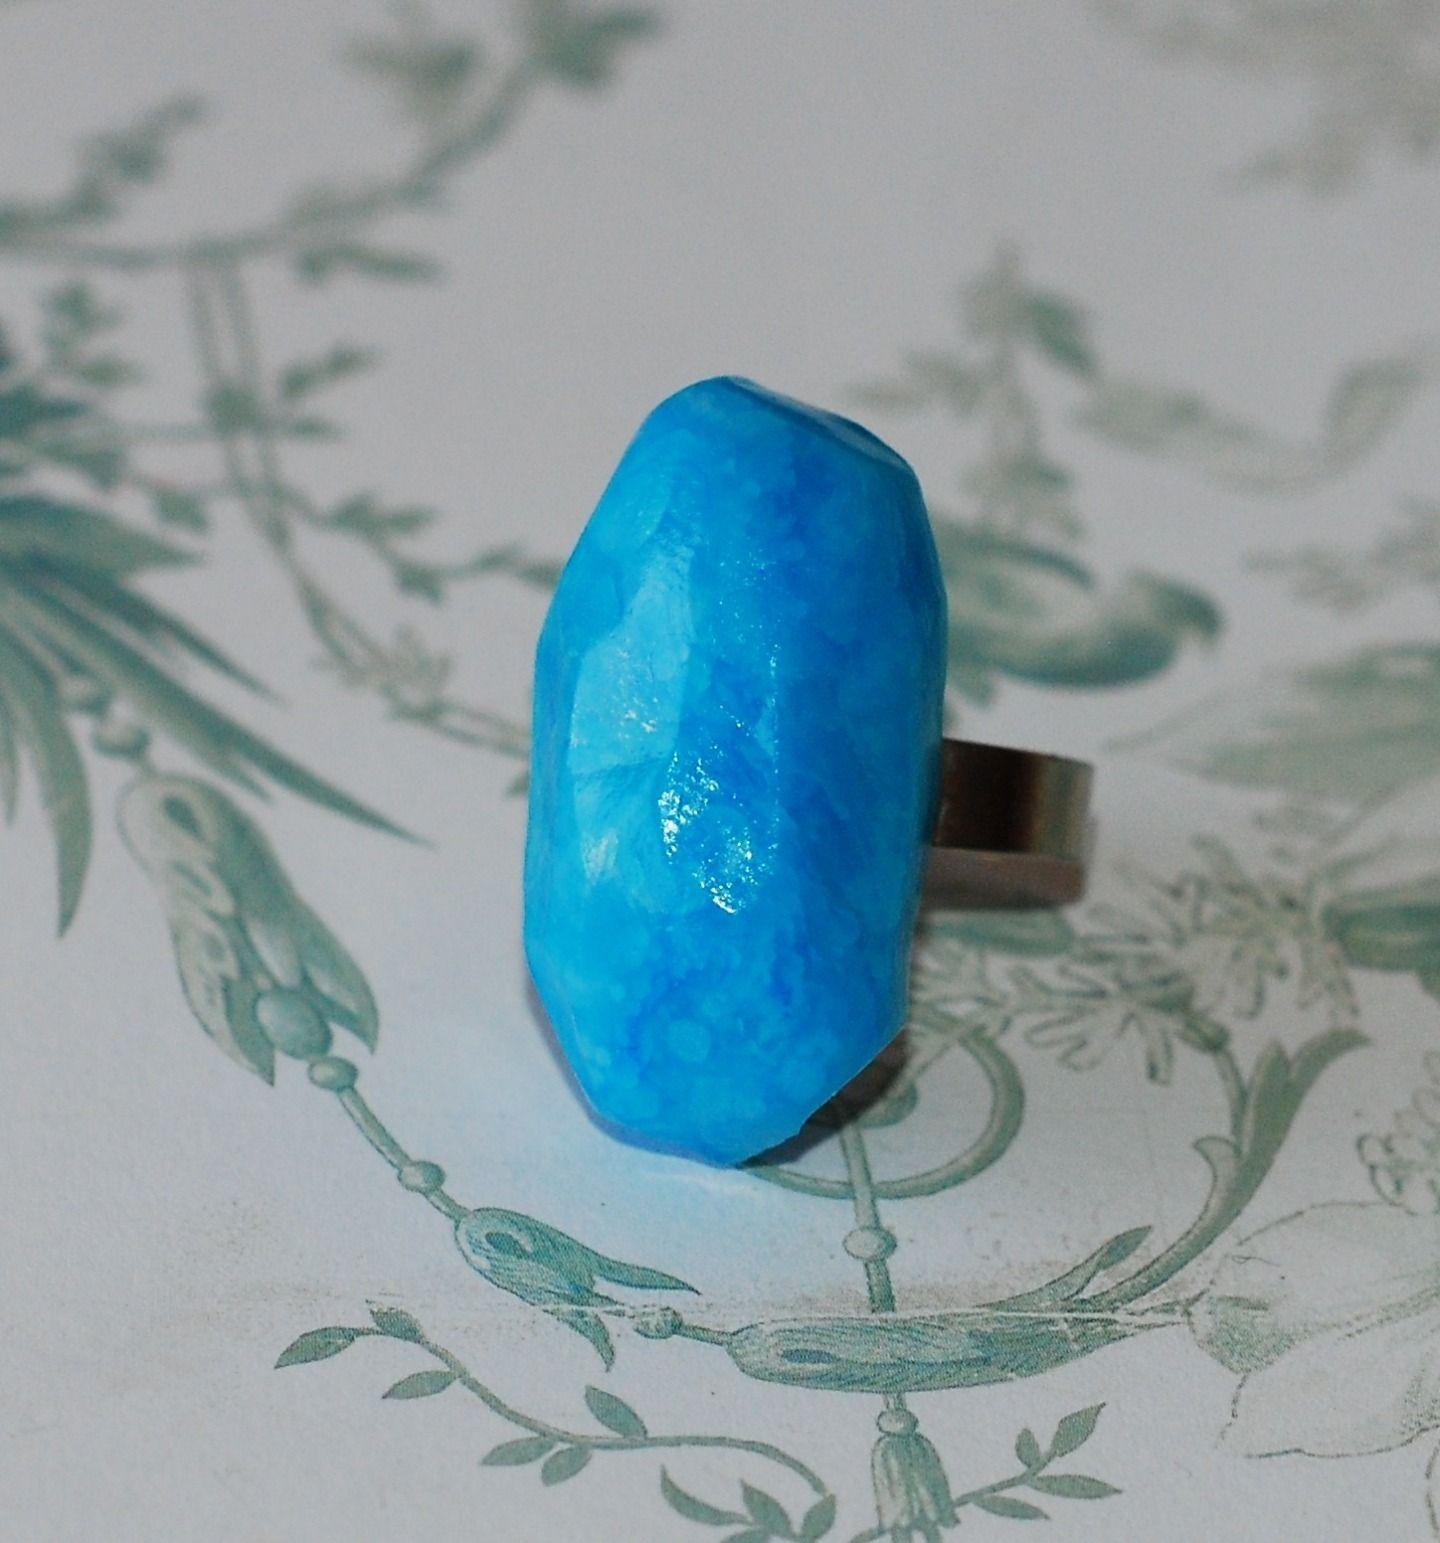 bague pierre pr cieuse bleue bague par pinkchoco. Black Bedroom Furniture Sets. Home Design Ideas